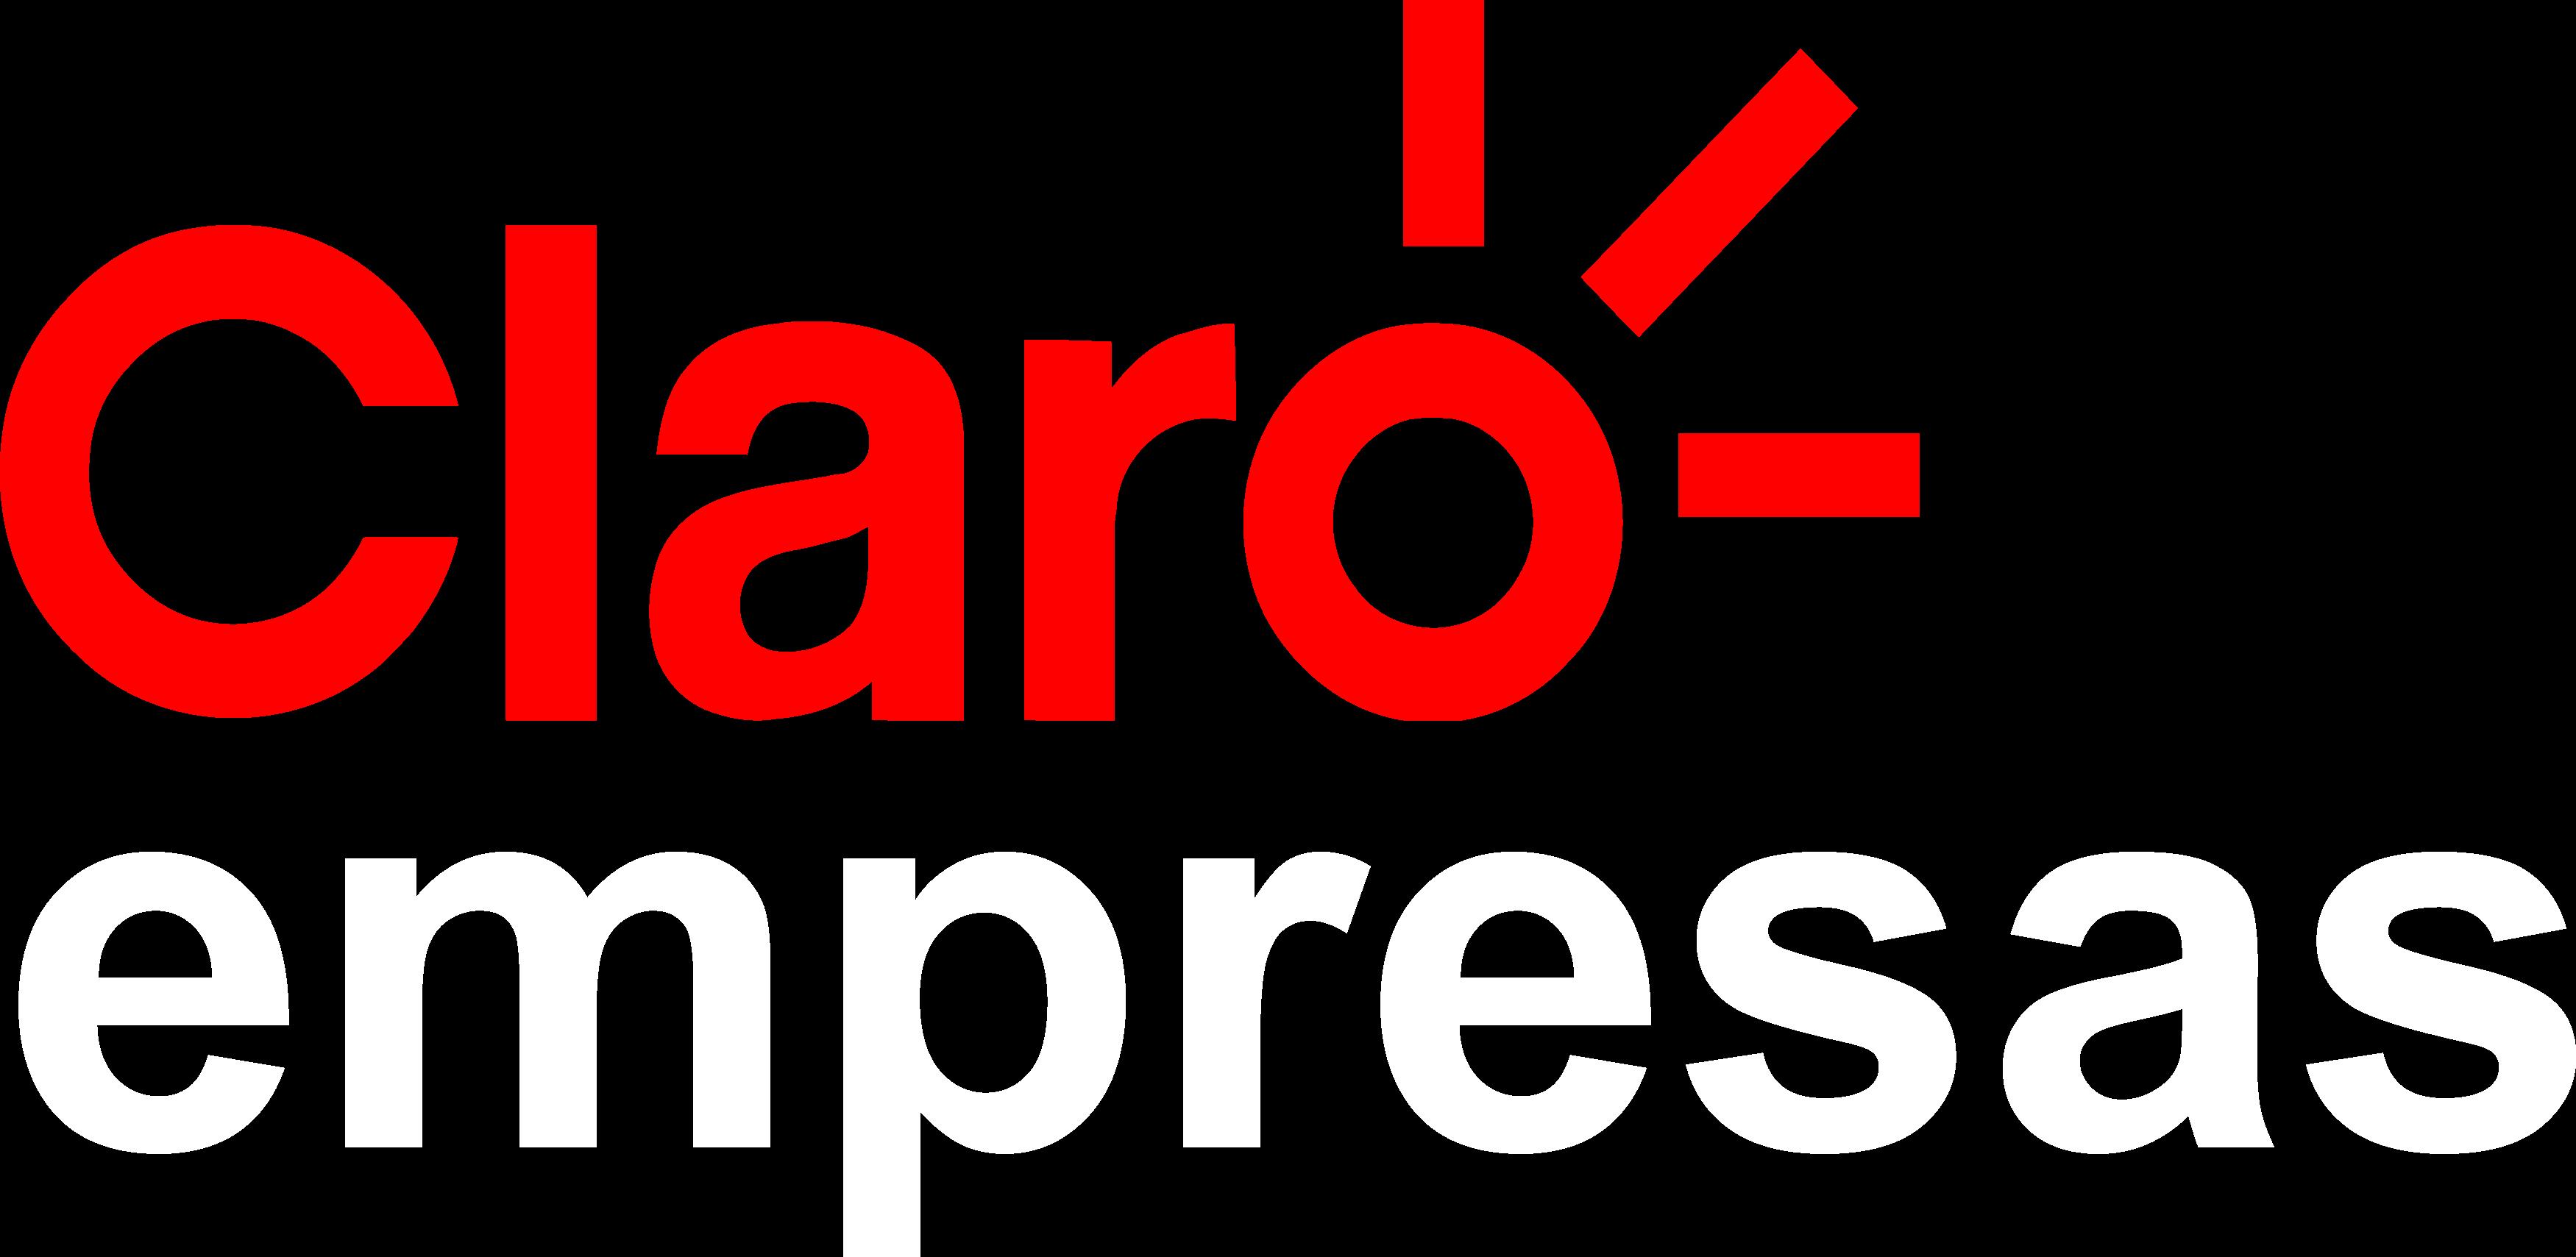 claro empresas logo 02 - Claro Empresas Logo